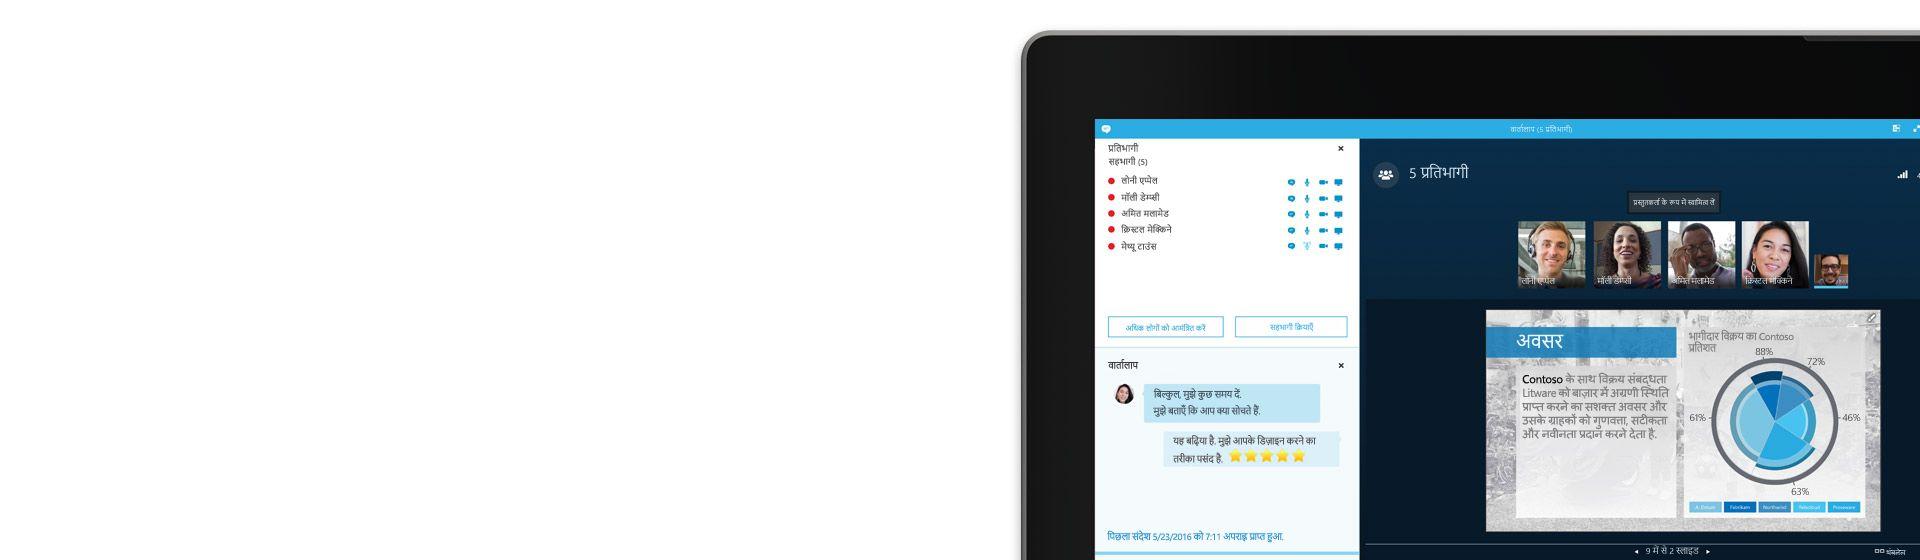 प्रतिभागियों की सूची के साथ जारी व्यवसाय के लिए Skype मीटिंग को प्रदर्शित करती हुई लैपटॉप स्क्रीन का कोना